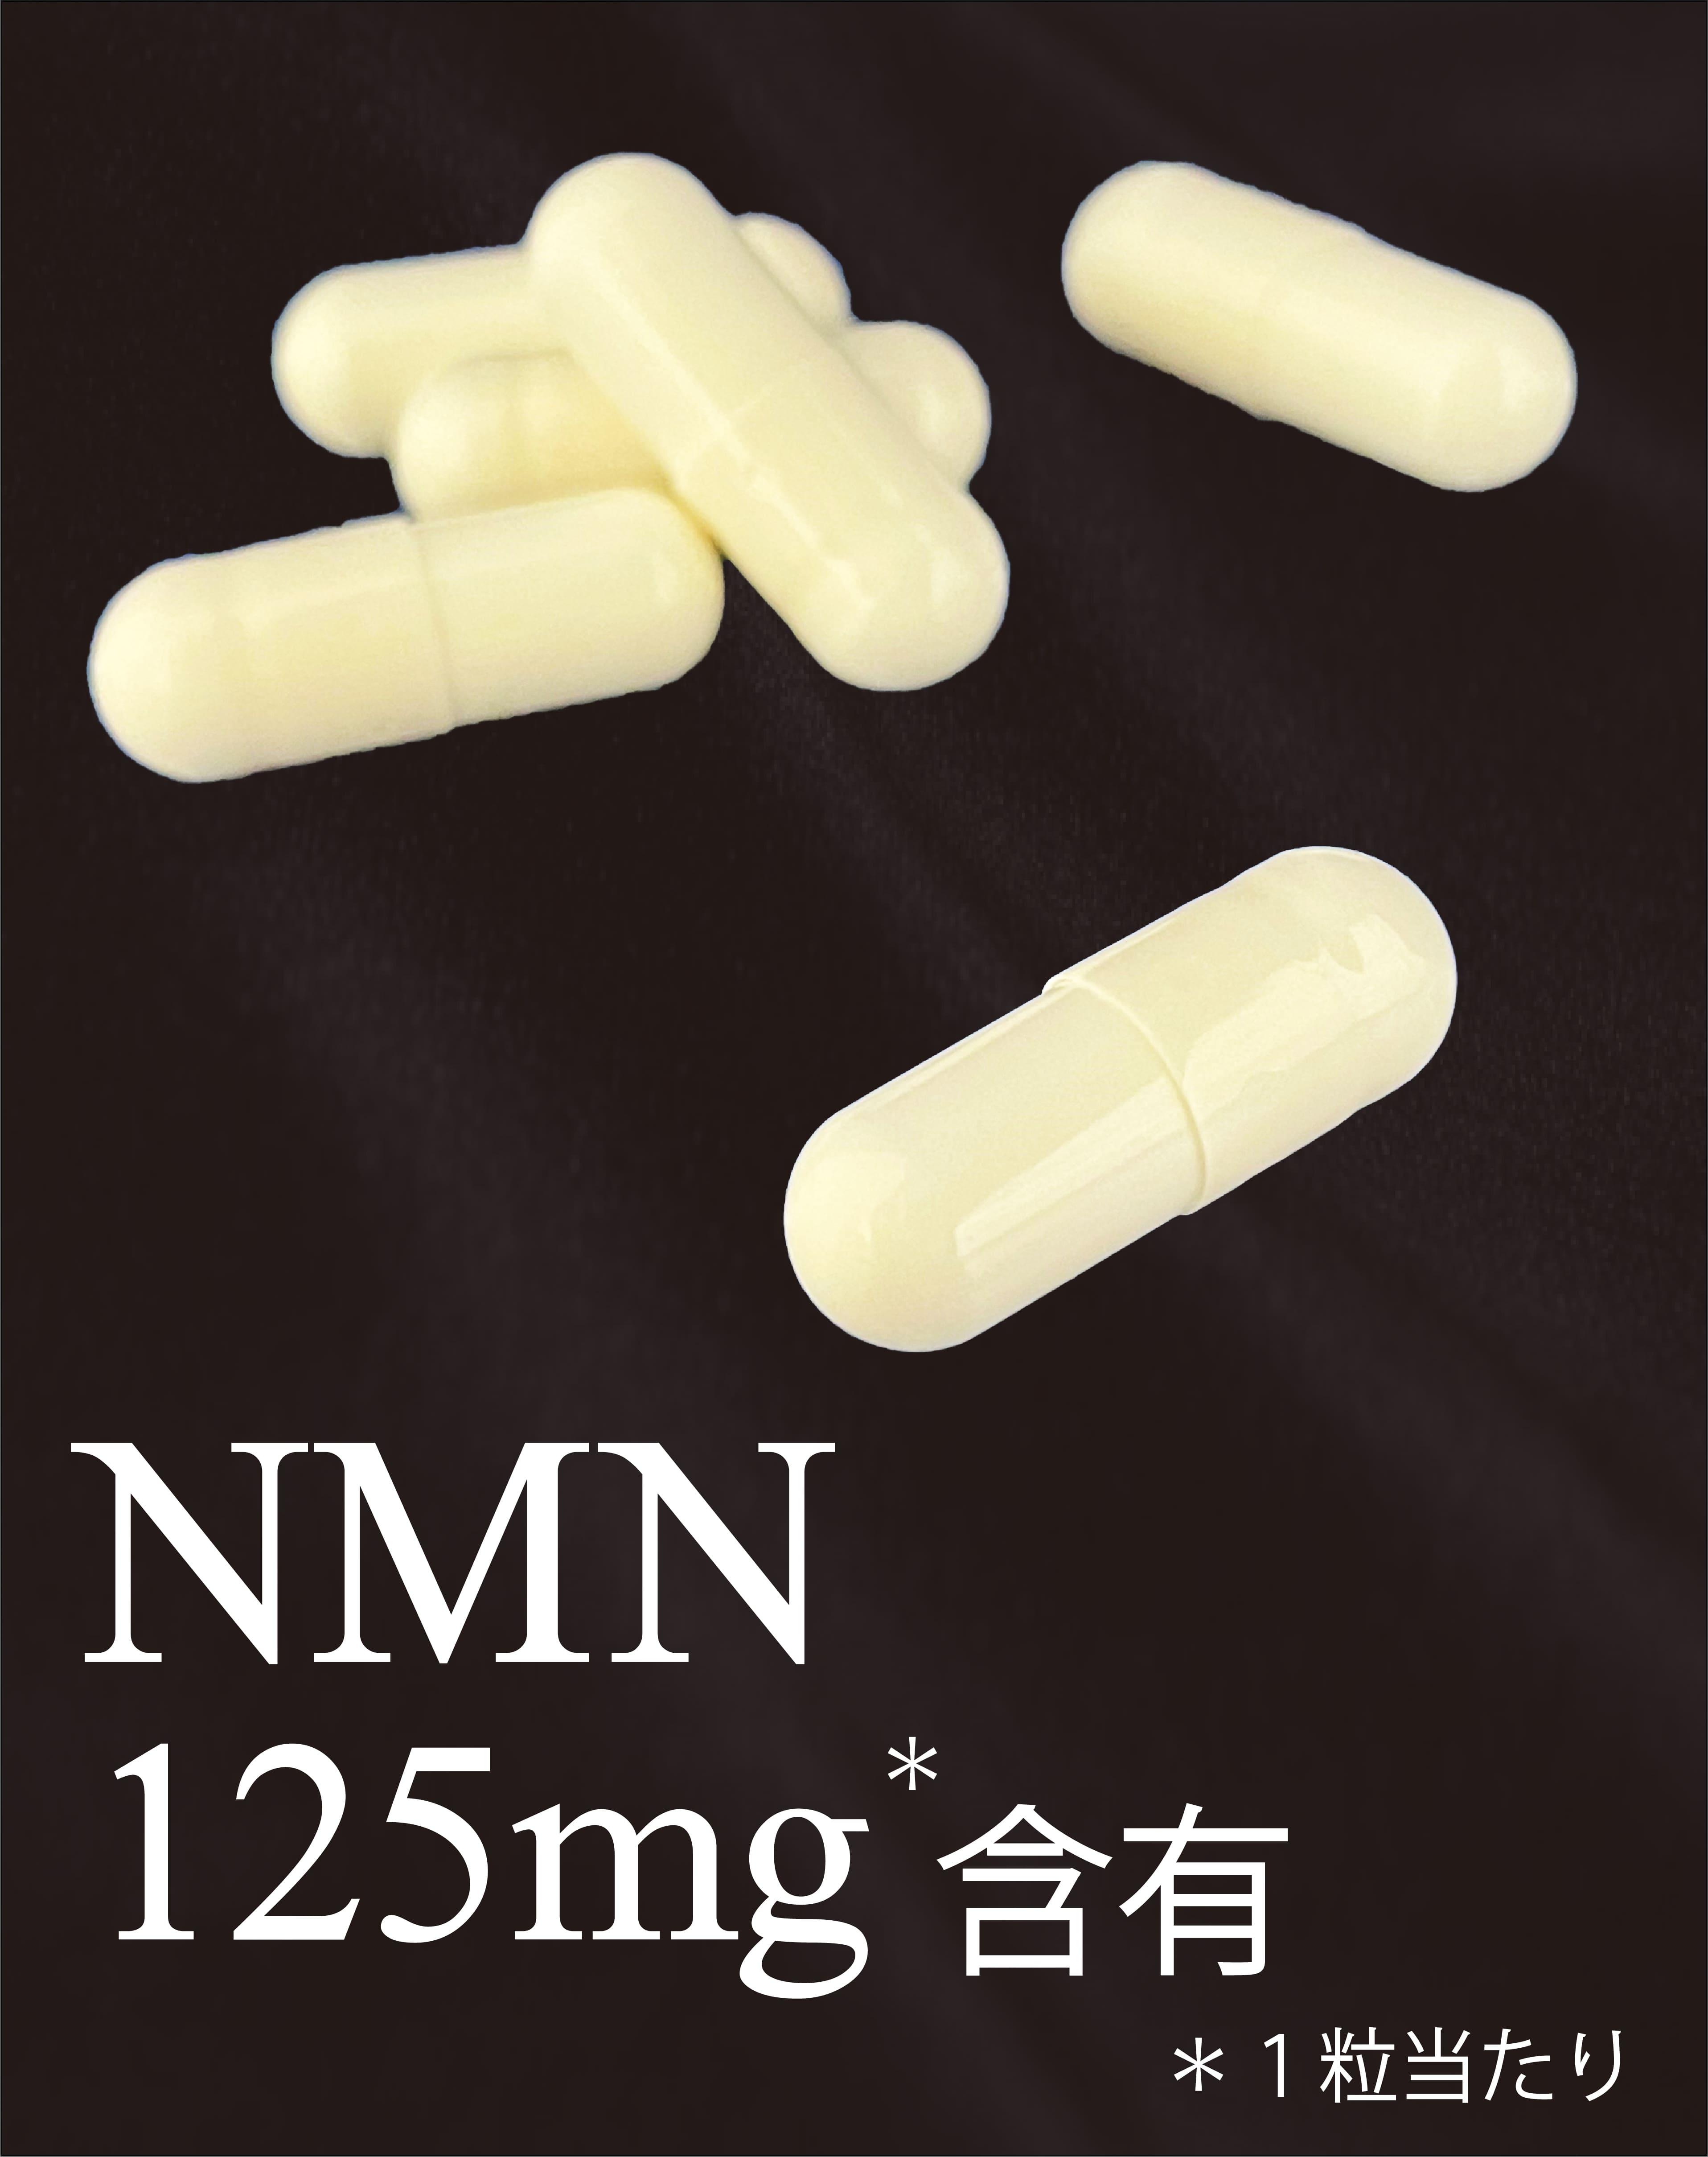 NMN125g含有 1粒あたり